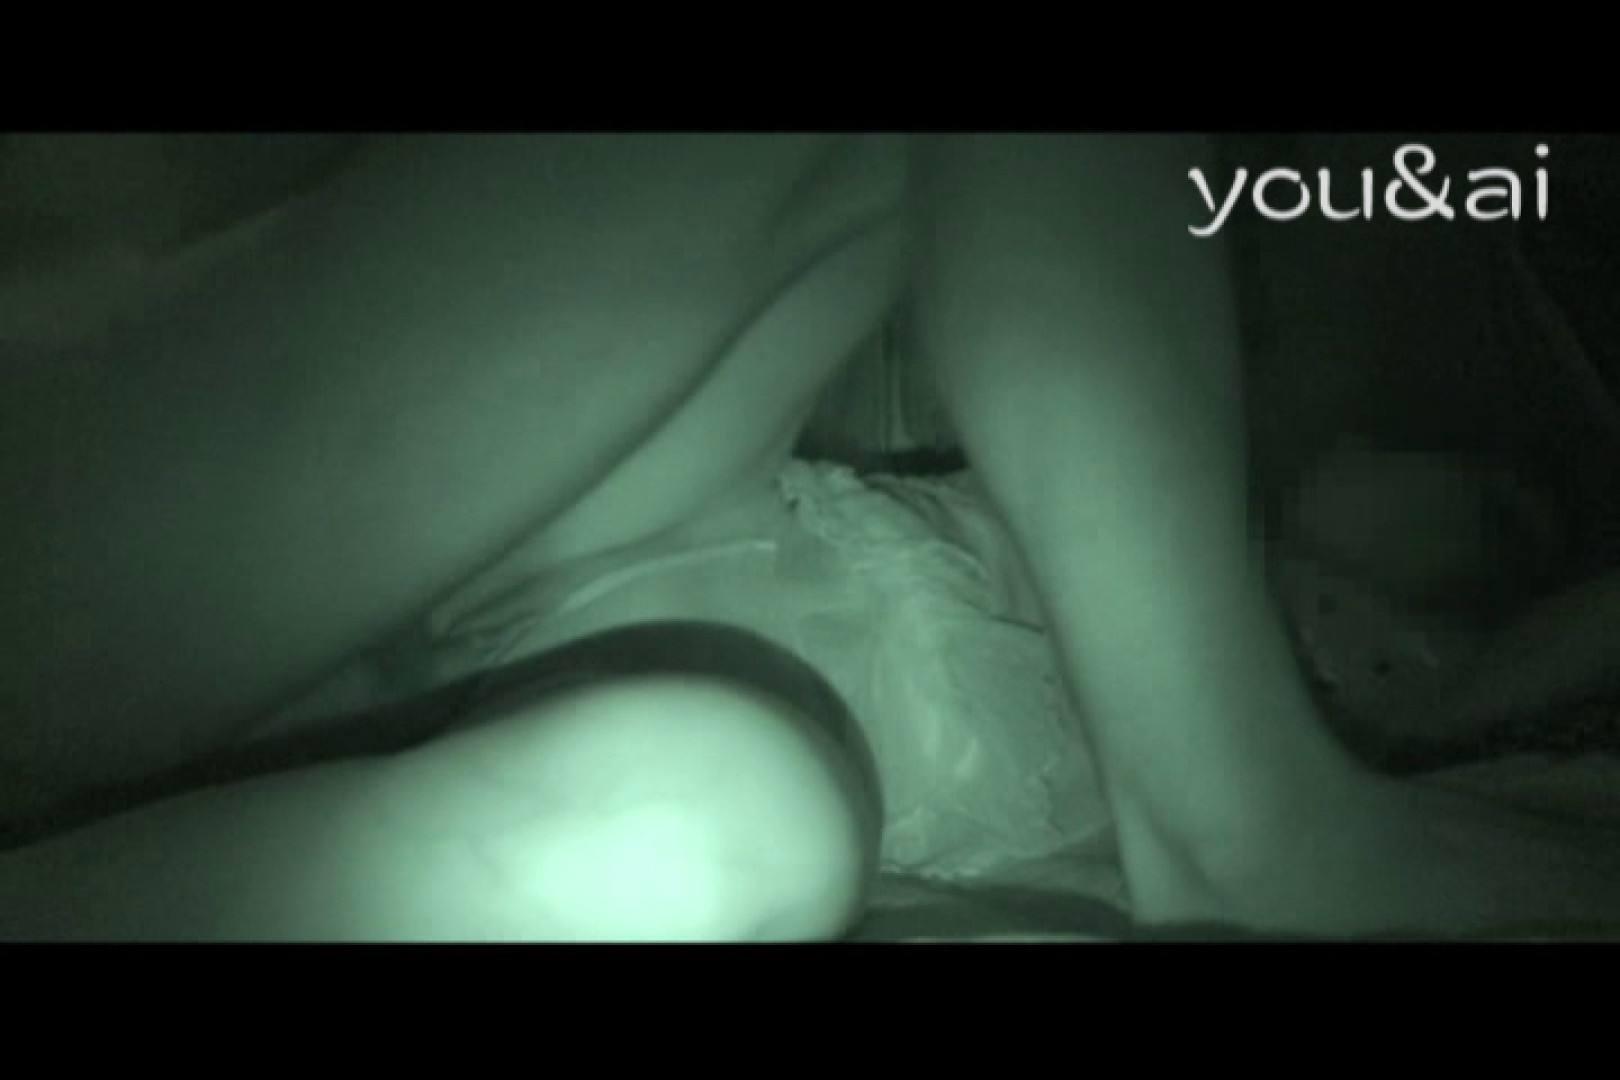 おしどり夫婦のyou&aiさん投稿作品vol.9 エッチなOL  64pic 50